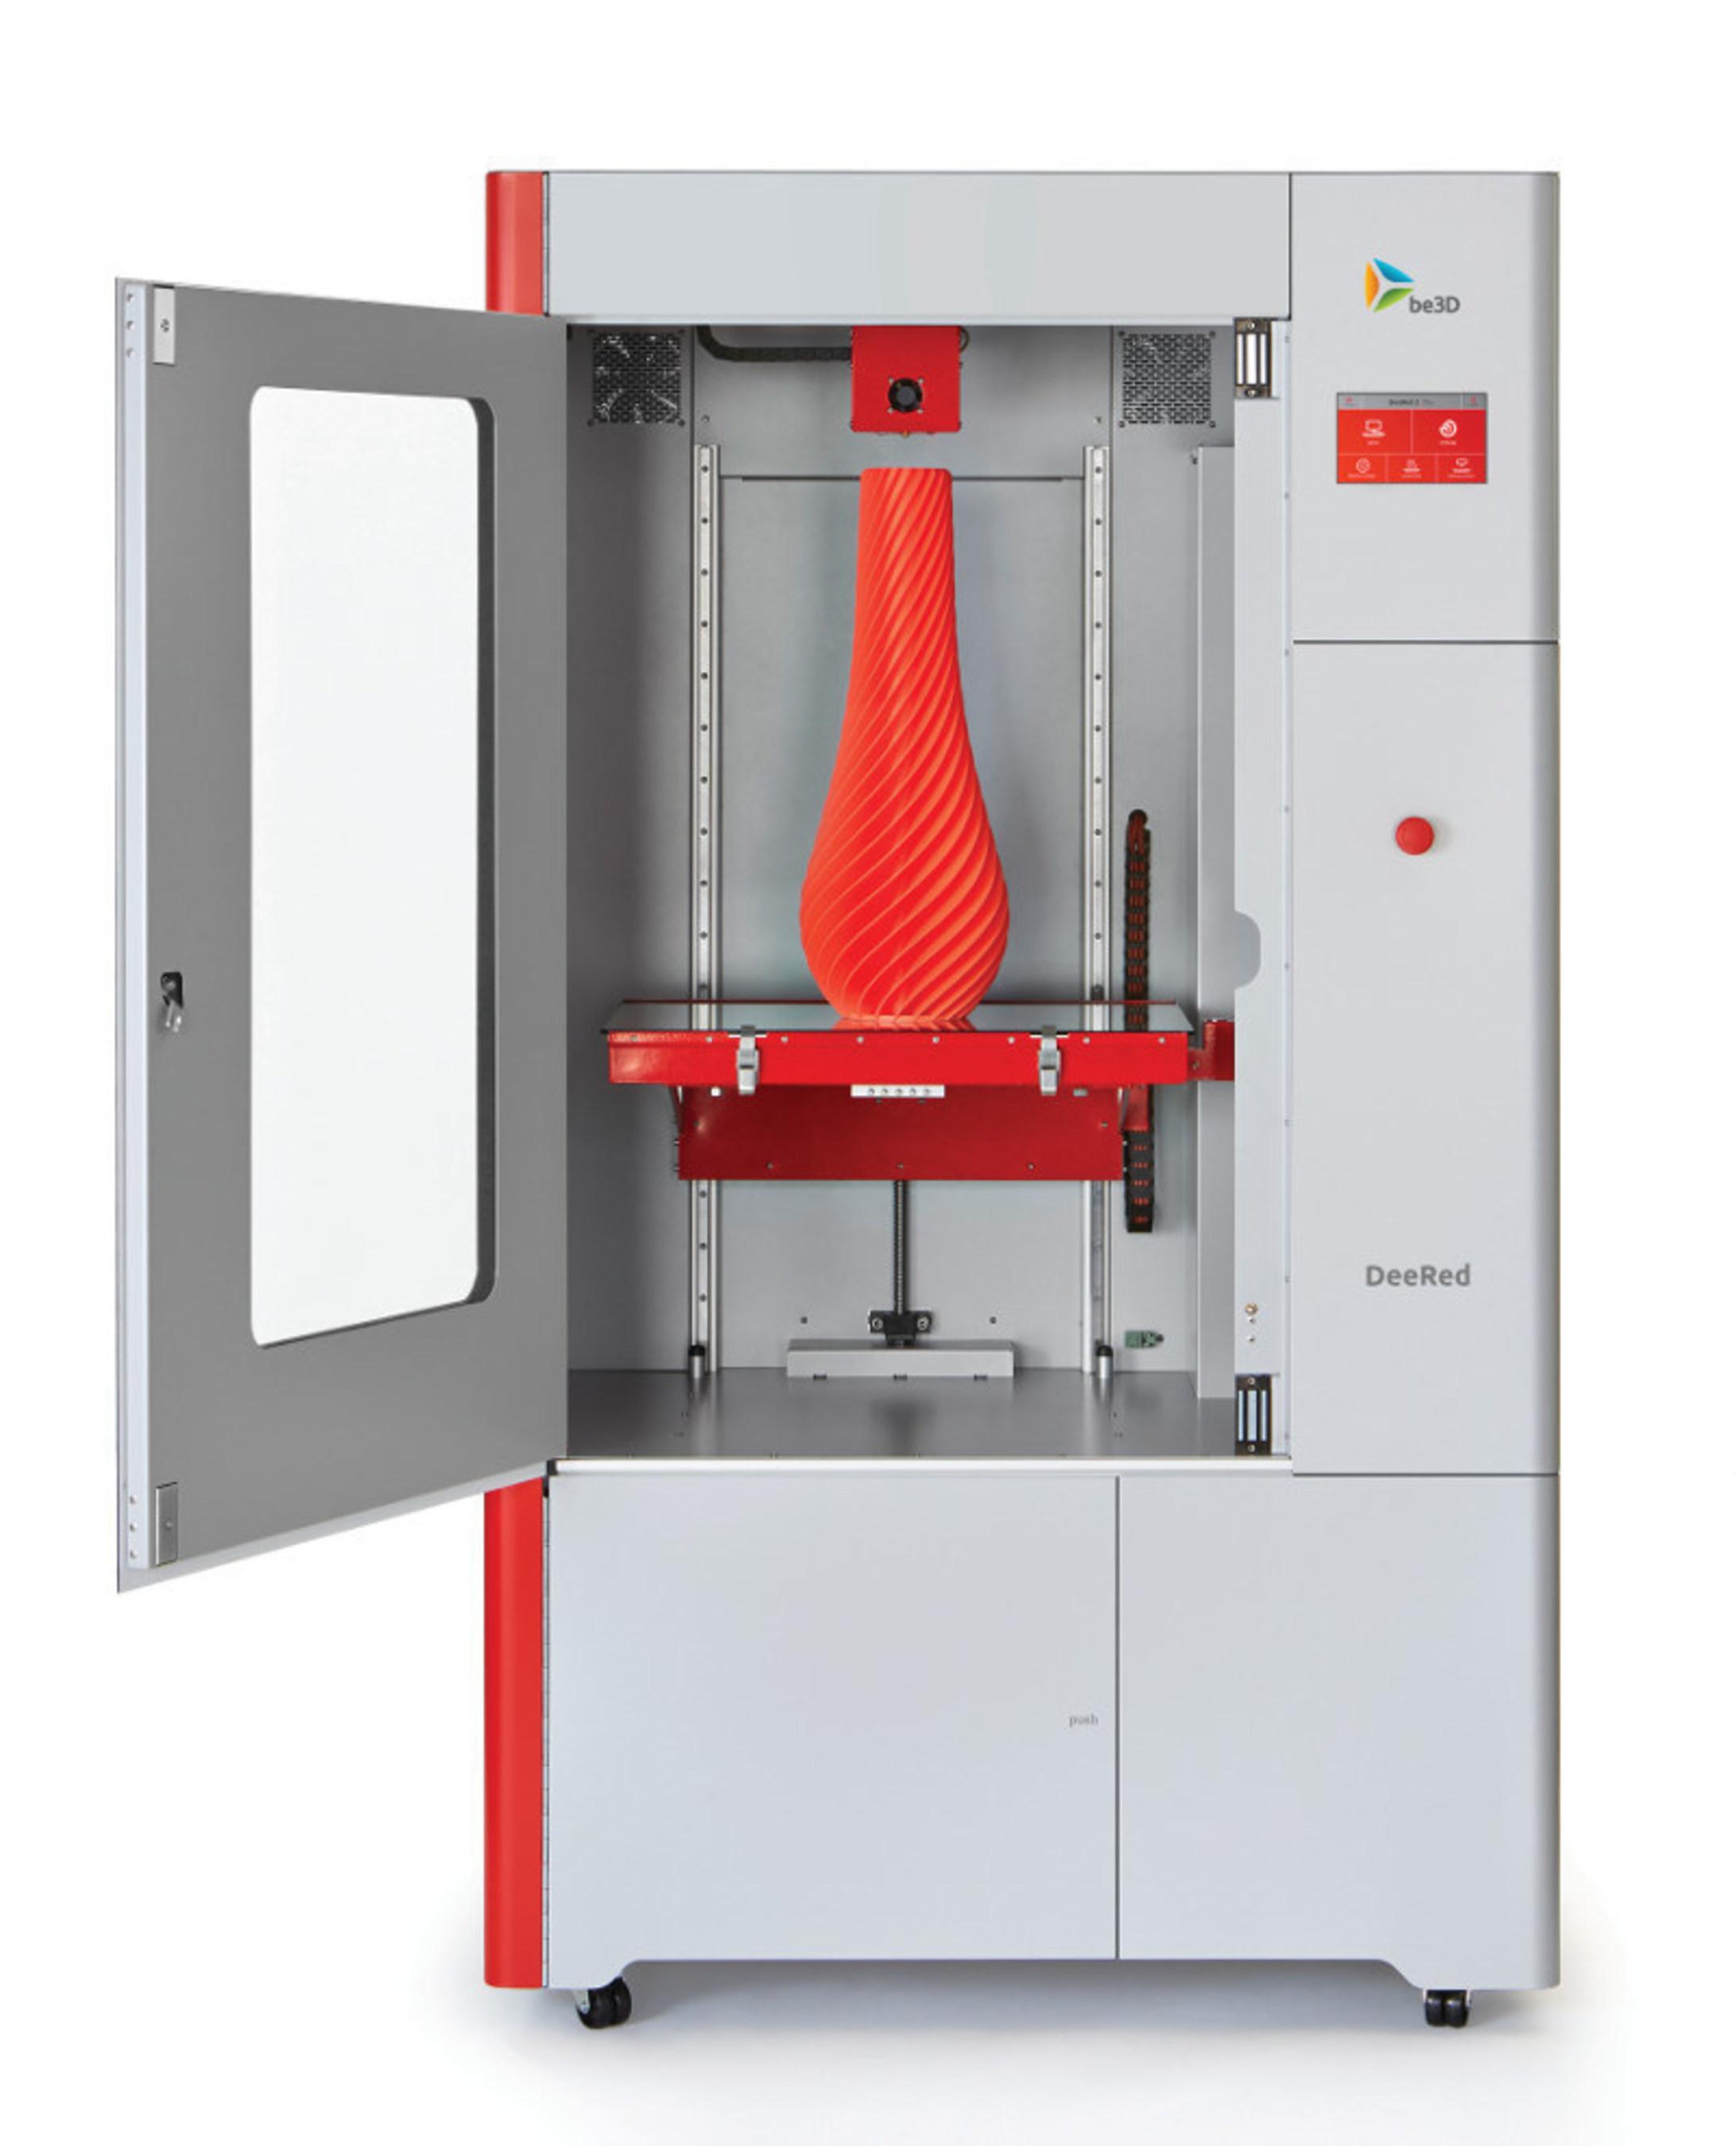 Profesionální 3D tiskárna DeeRed od společnosti be3D se může pochlubit největším objemem tisku ve